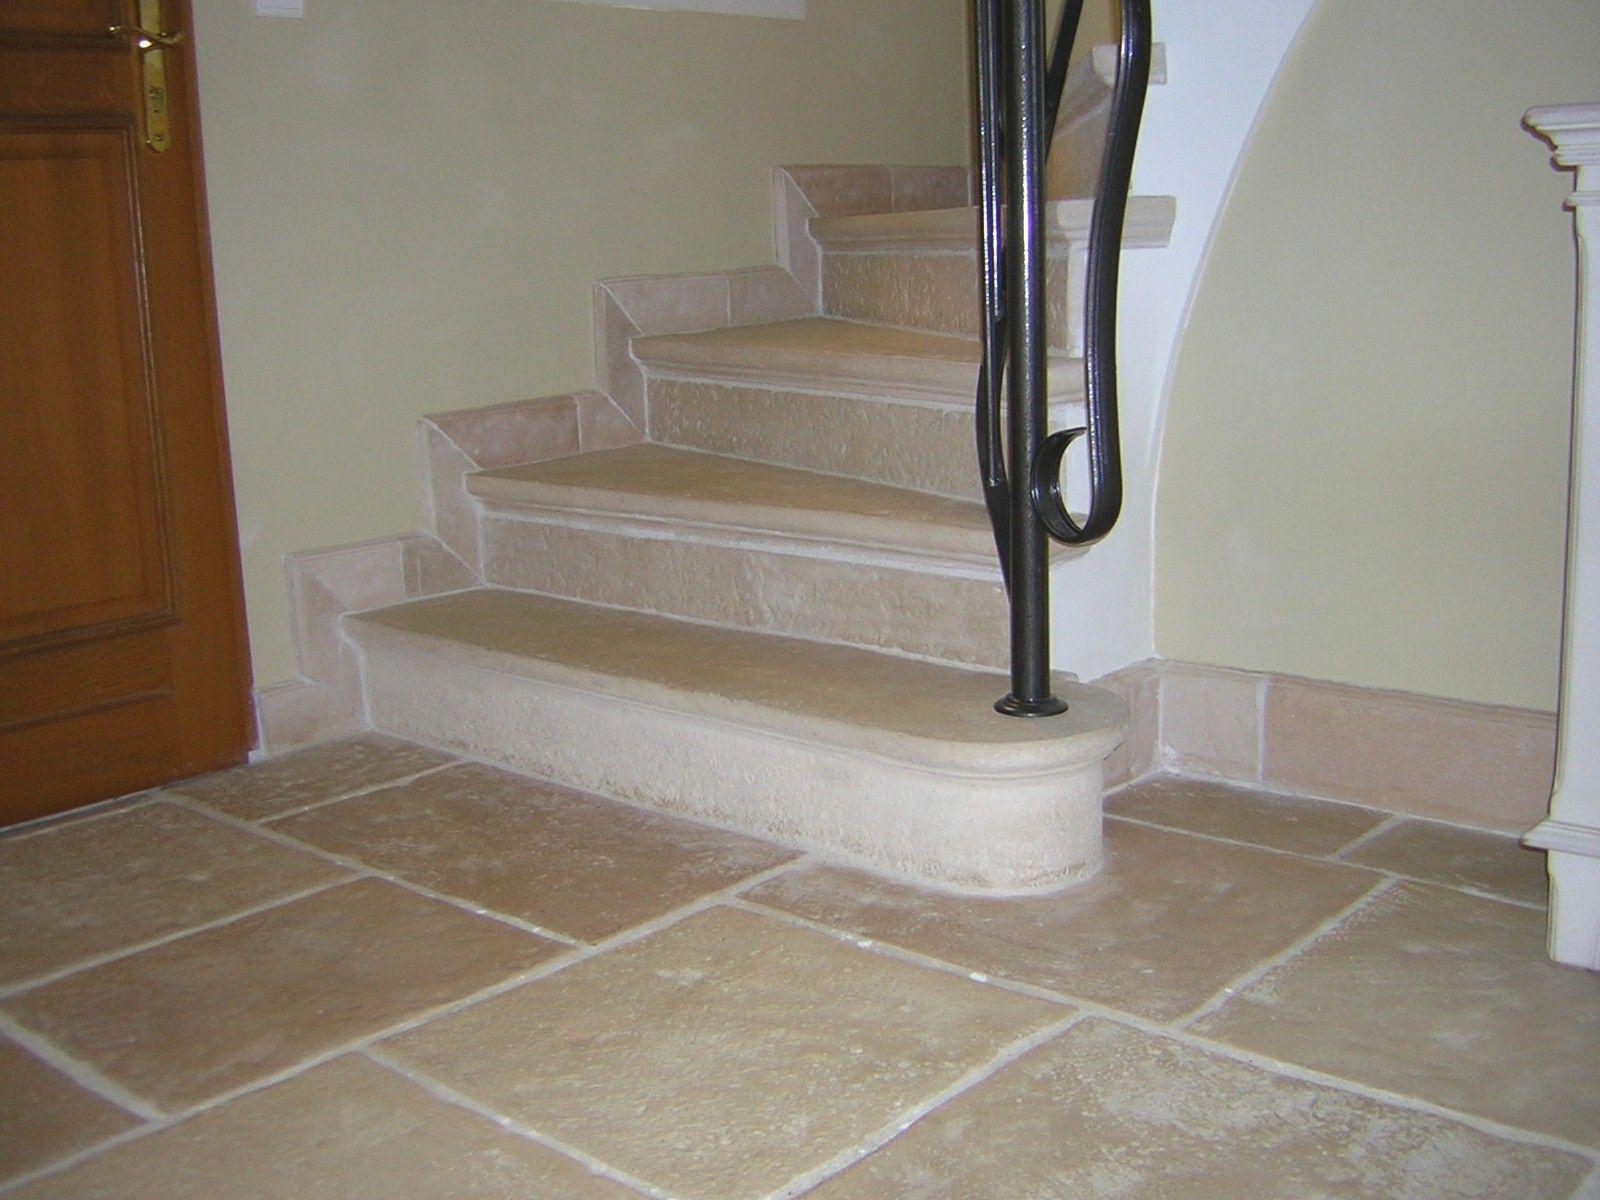 Habillage Escalier En Pierre Reconstituee Marches Et Contremarches Escalier Abbatiales Fabrication Habillage Escalier Escalier En Pierre Pierre Reconstituee